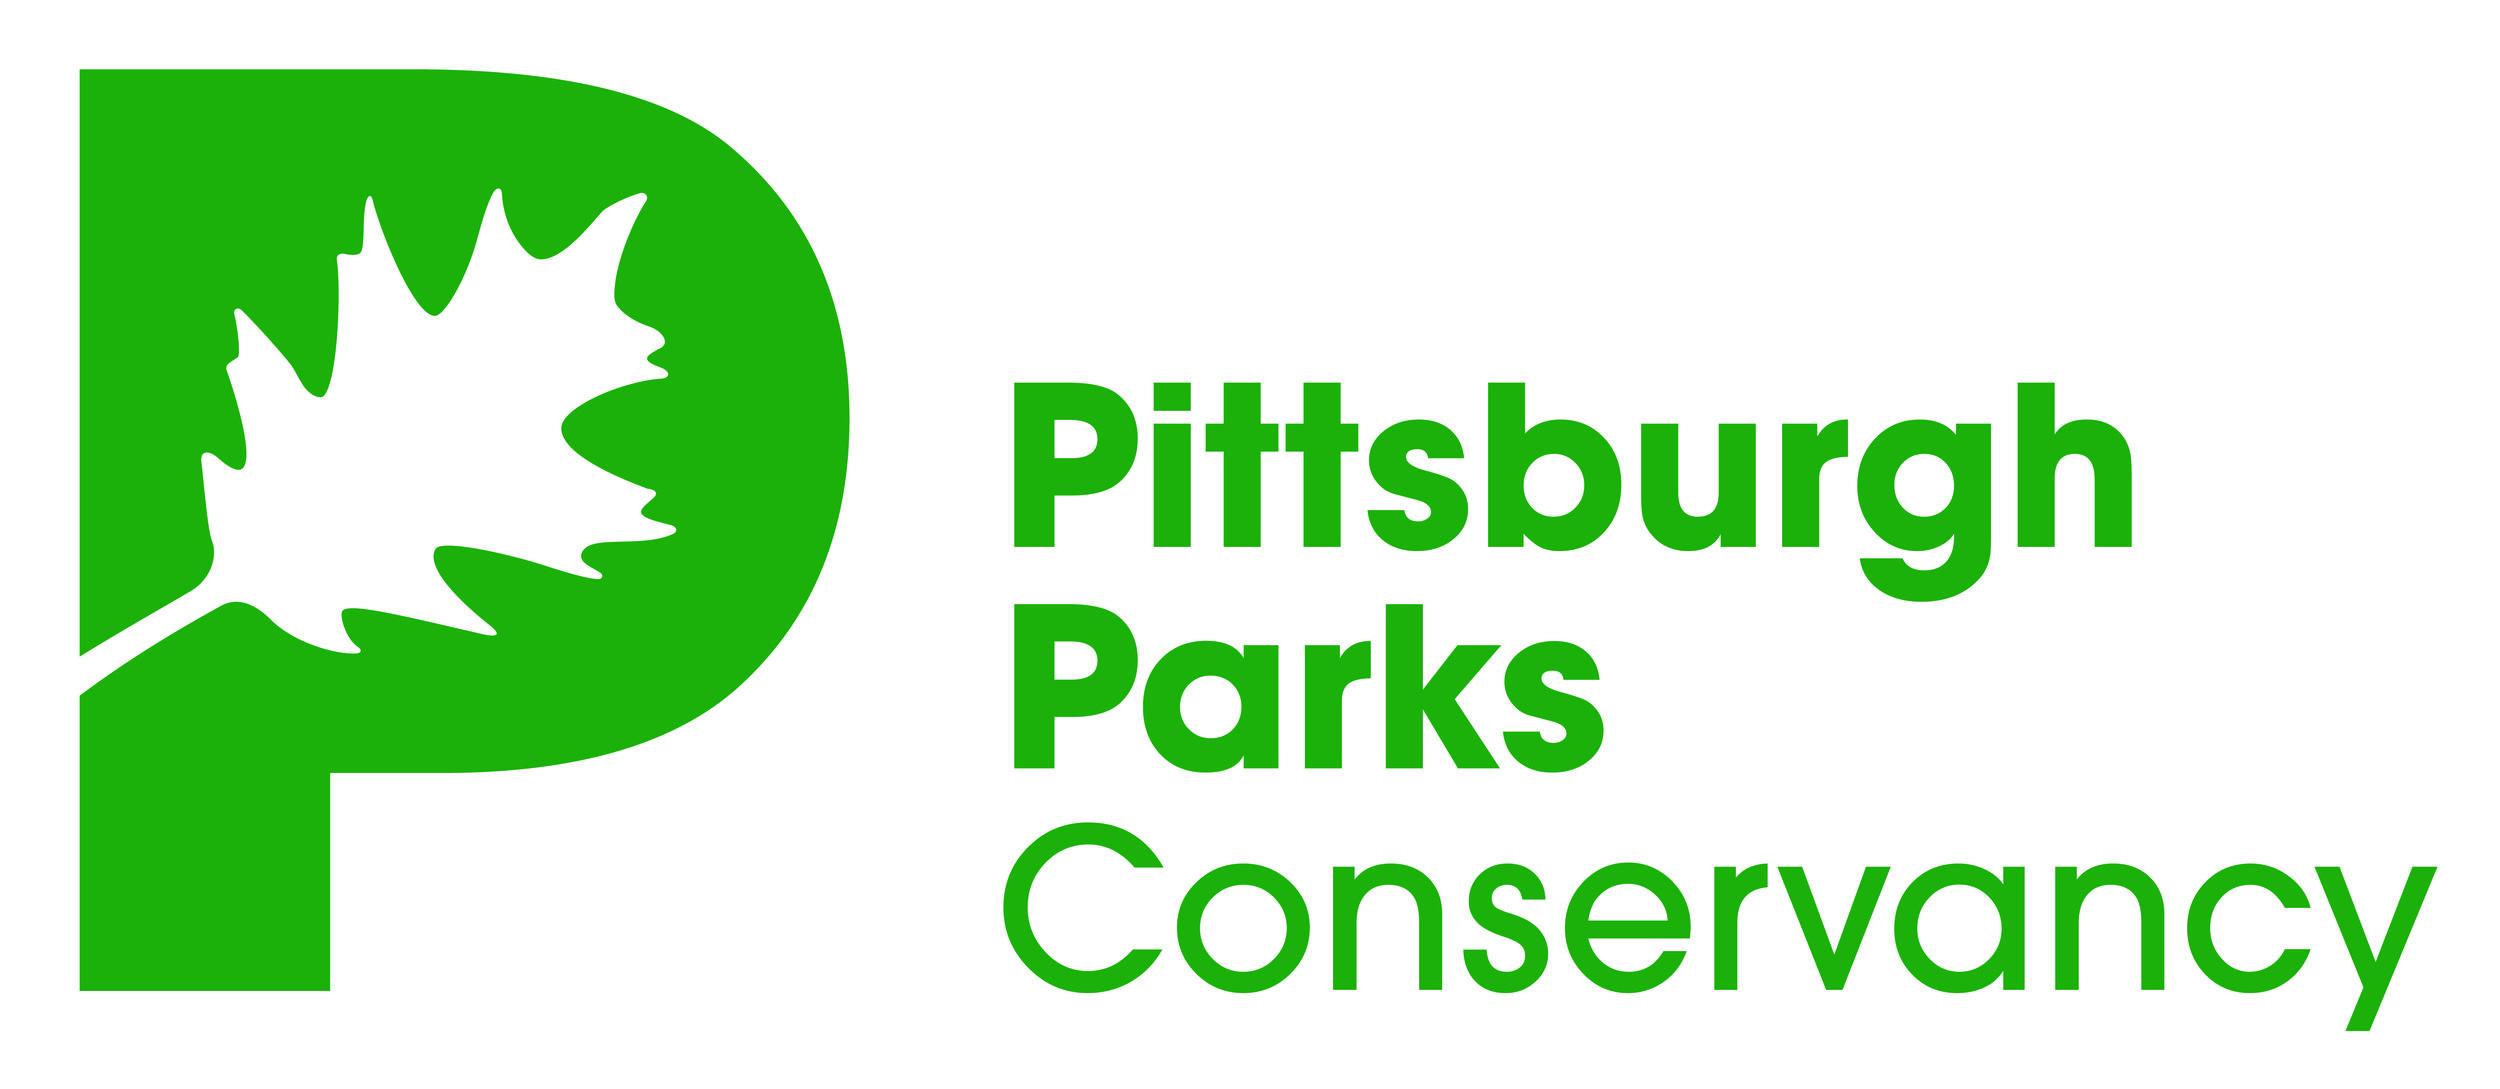 Pittsburgh Parks Conservancy logo.jpg